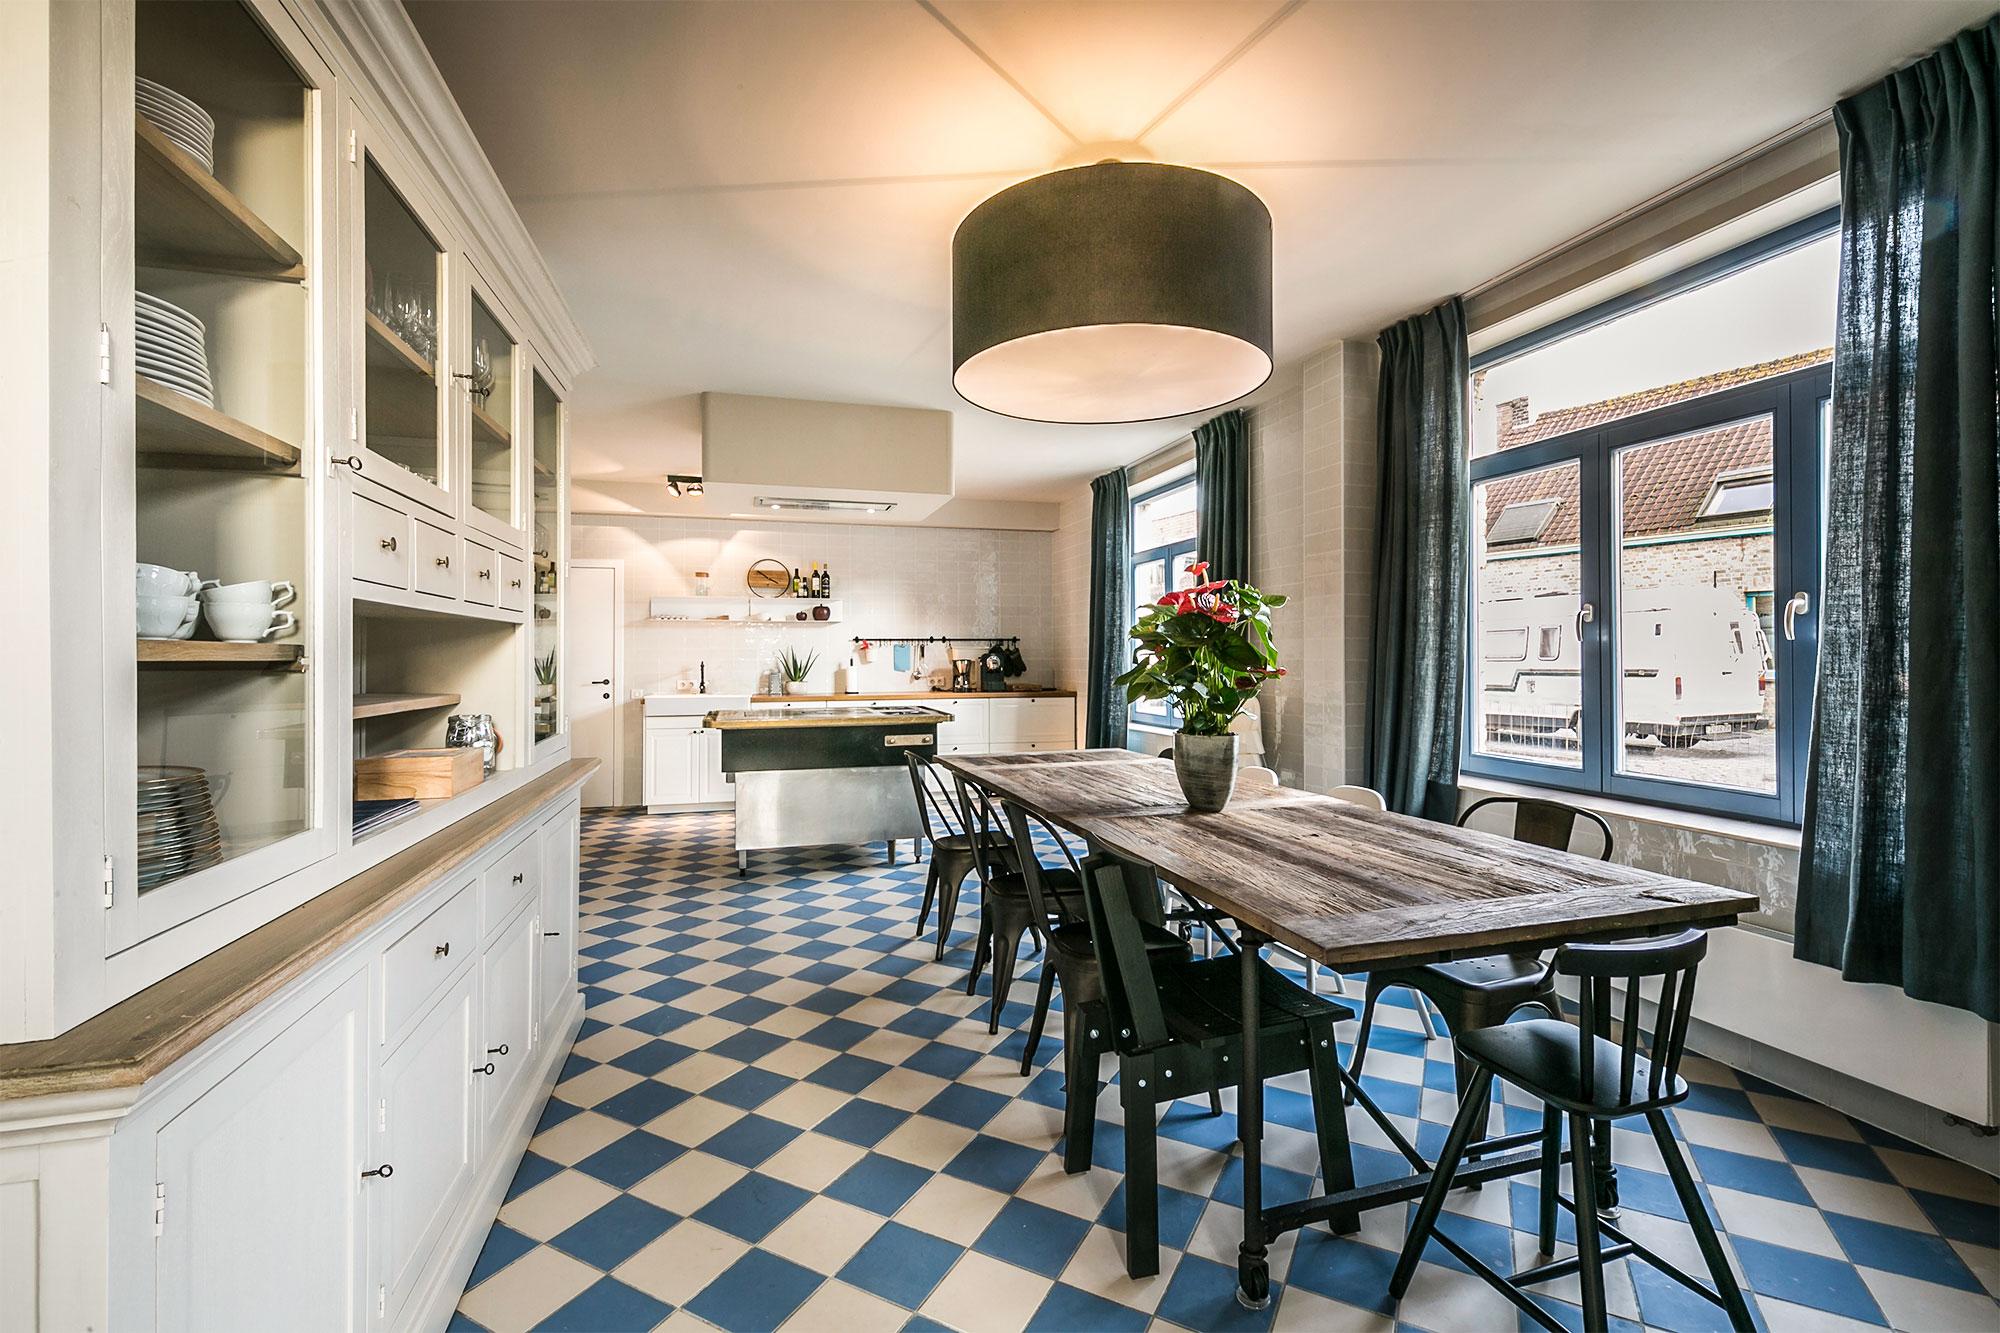 vakantiehuis te huur - volledig ingerichte keuken met bijkeuken